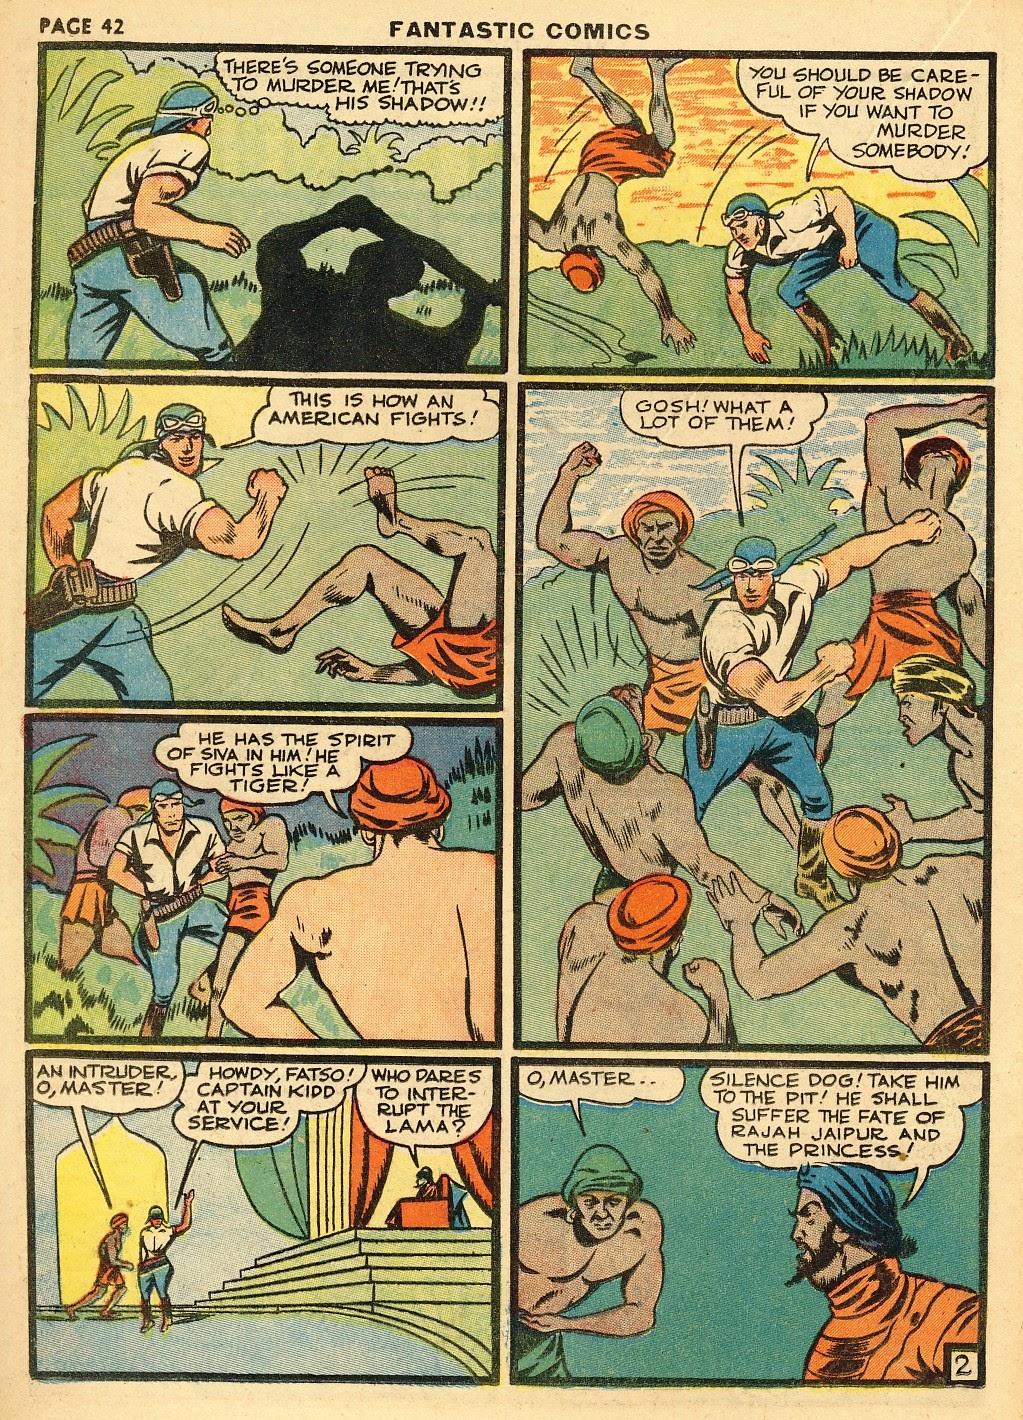 Read online Fantastic Comics comic -  Issue #10 - 43